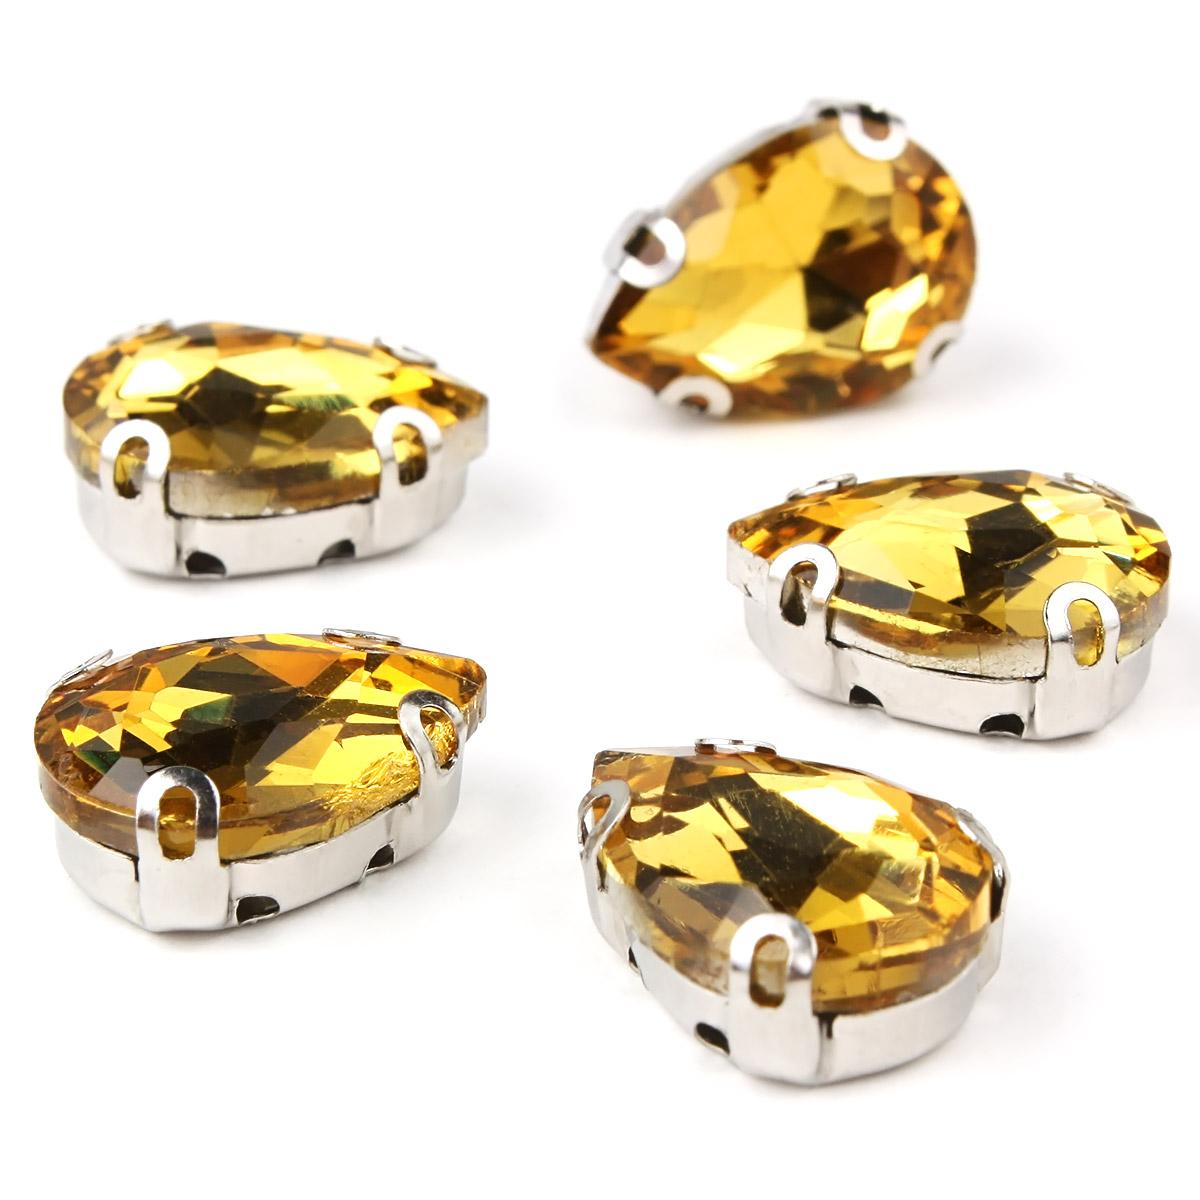 АЦ004НН1014 Хрустальные стразы в цапах формы 'капля', желтый 10х14 мм, 5 шт.